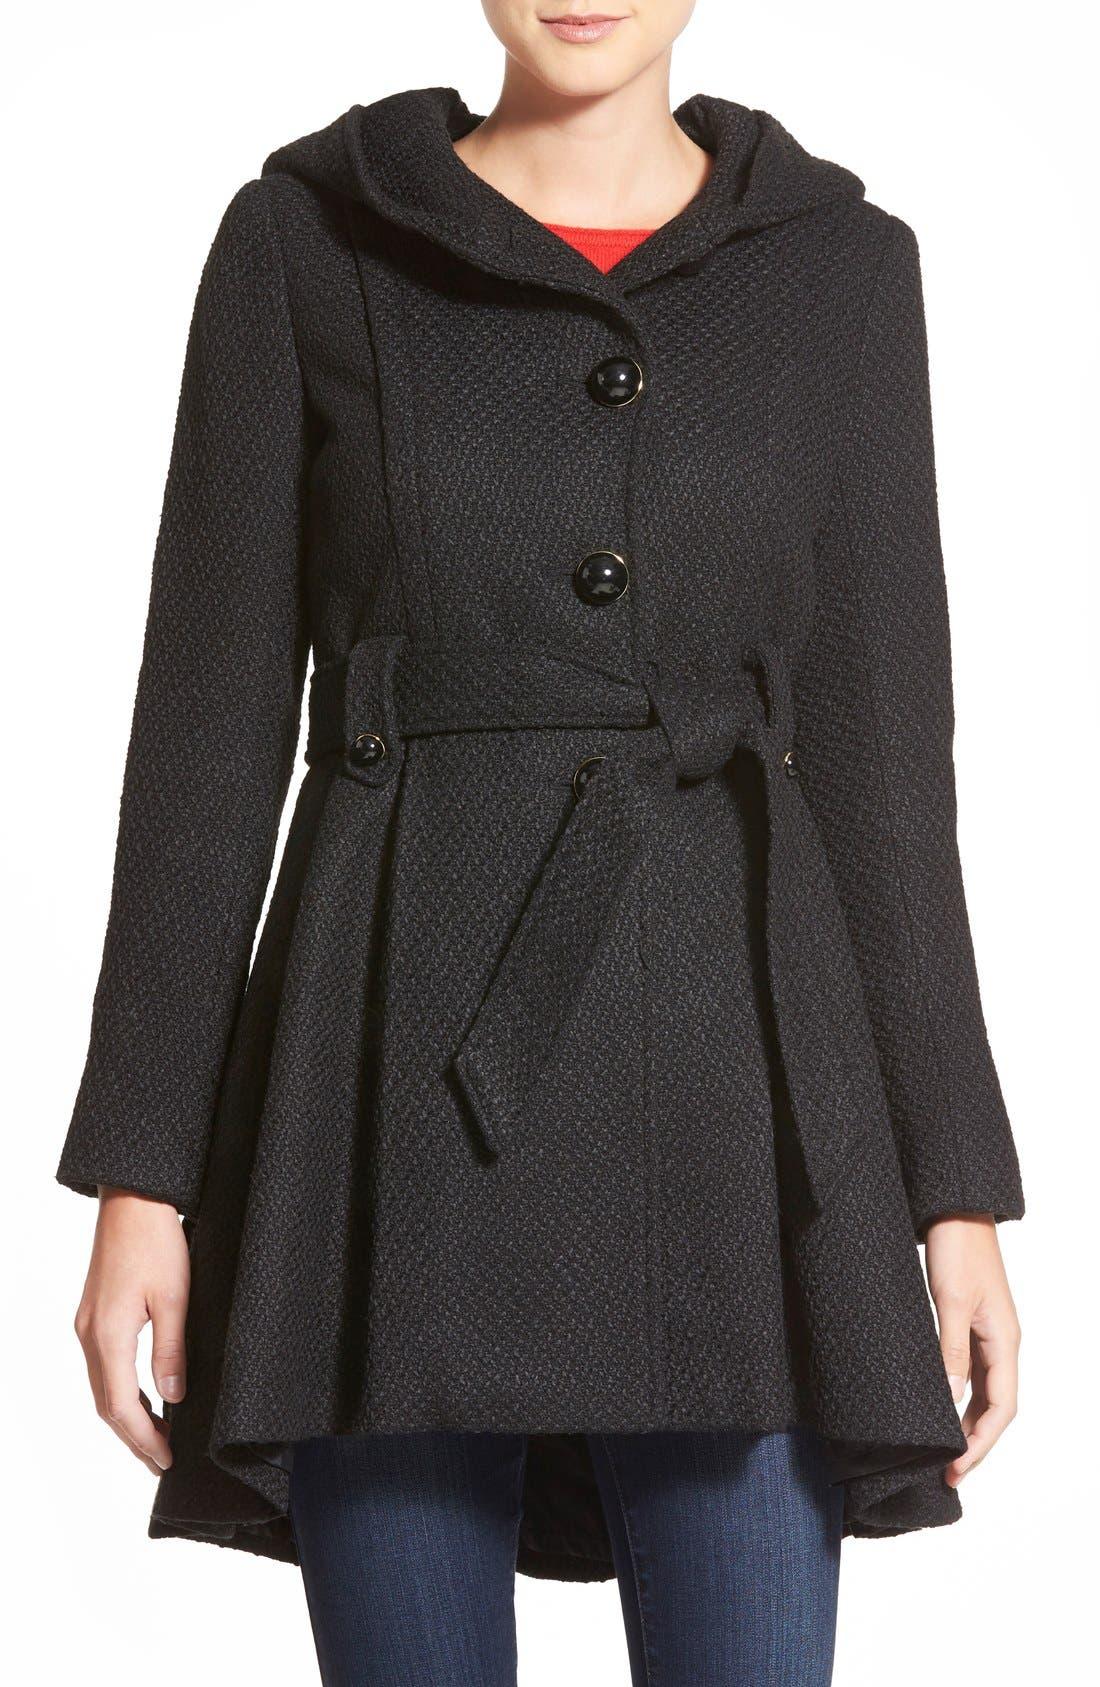 Alternate Image 1 Selected - Steve Madden Belted Hooded Skirted Coat